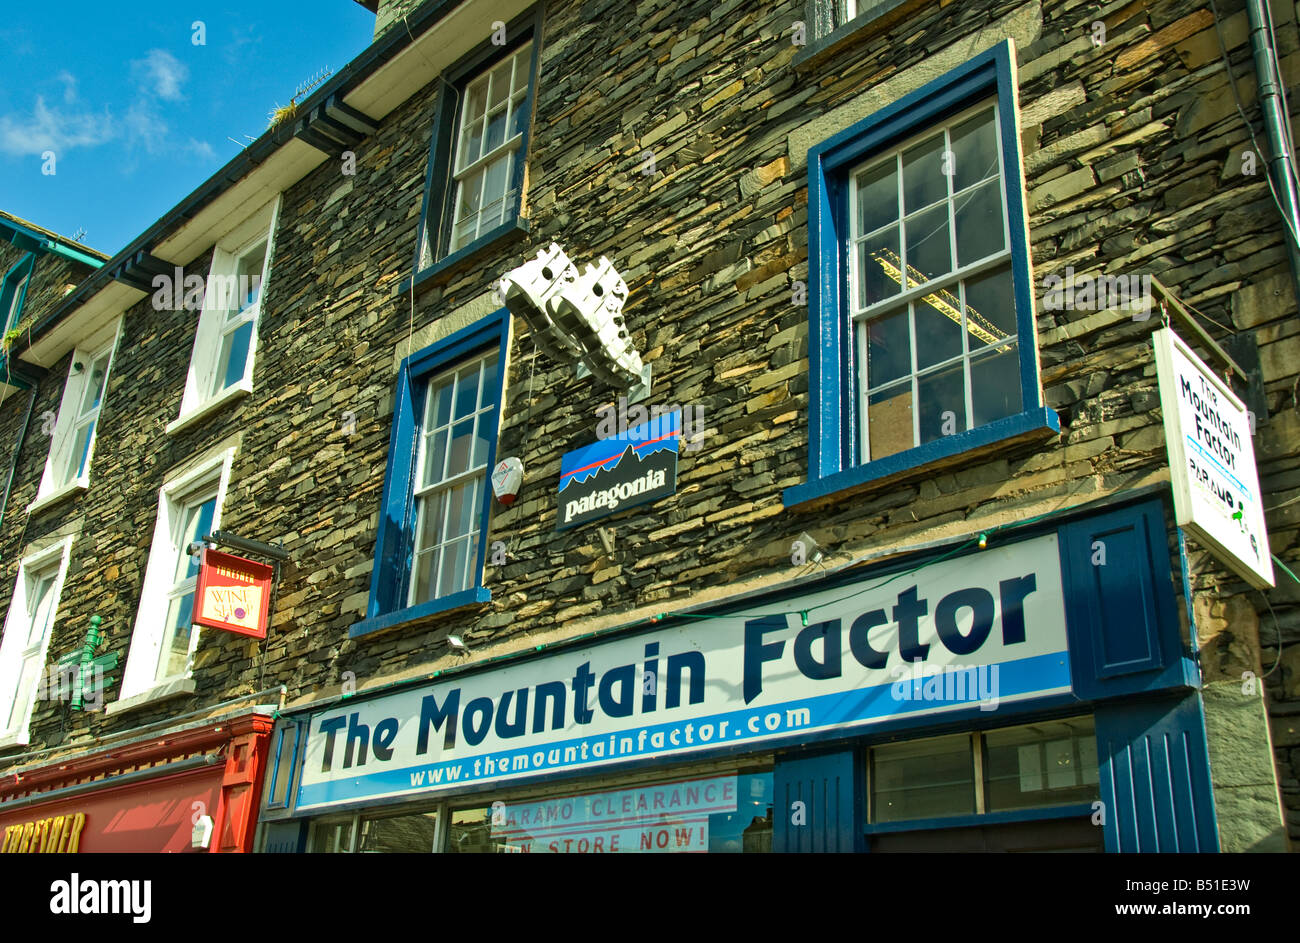 Lake District UK mountain climbing sign ambleside - Stock Image